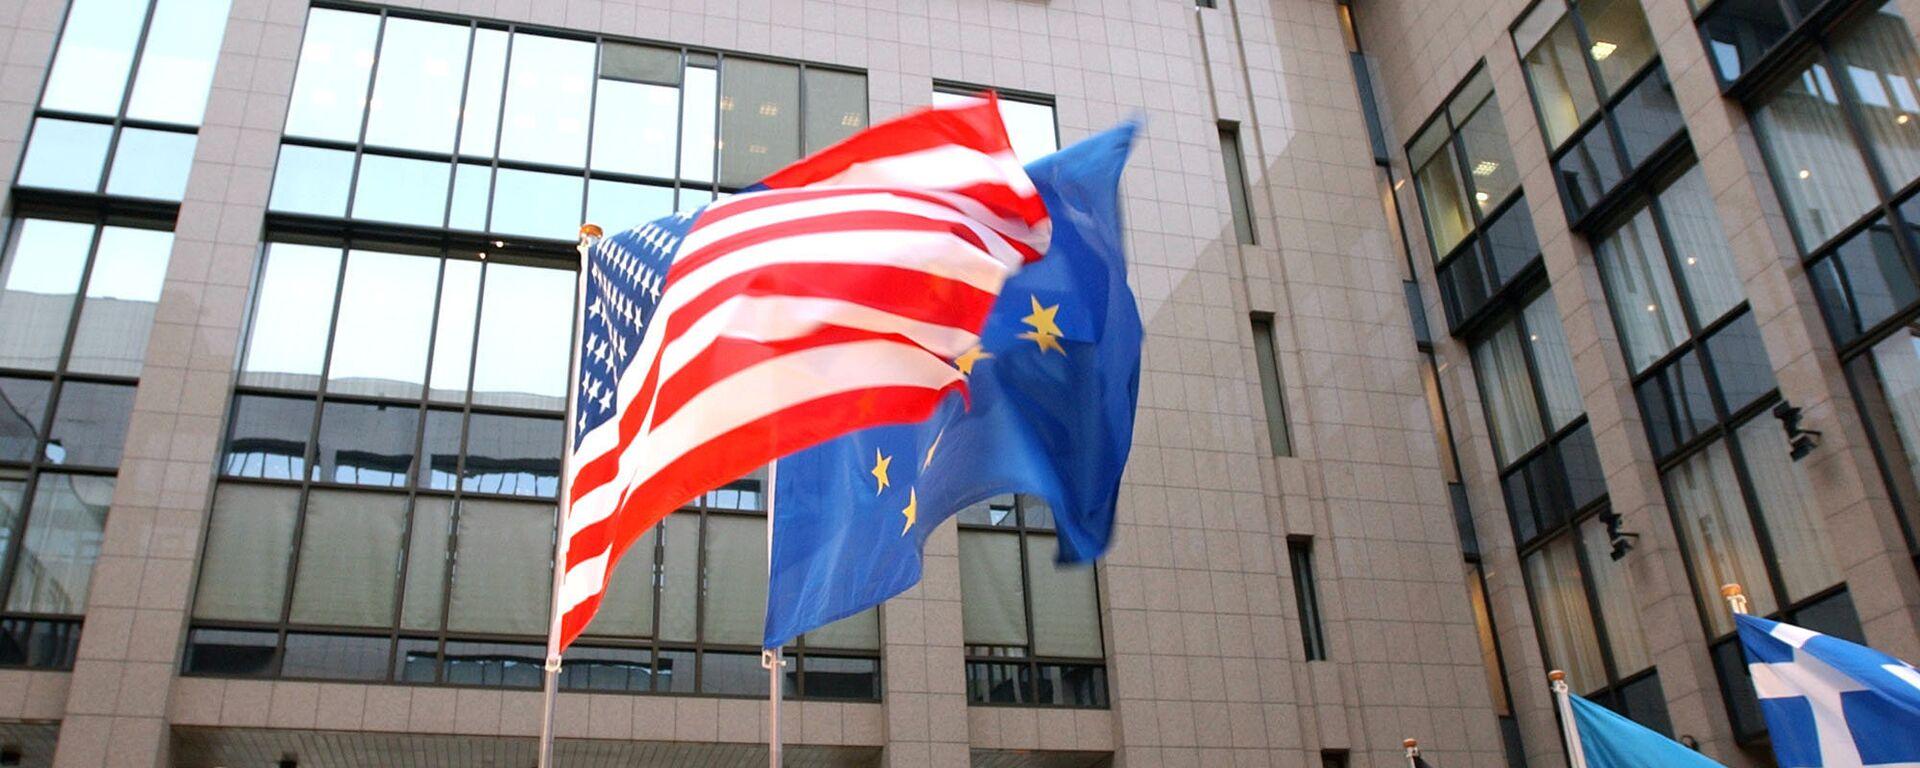 Tastave SAD i EU ispred sedišta EU u Briselu - Sputnik Srbija, 1920, 29.09.2021